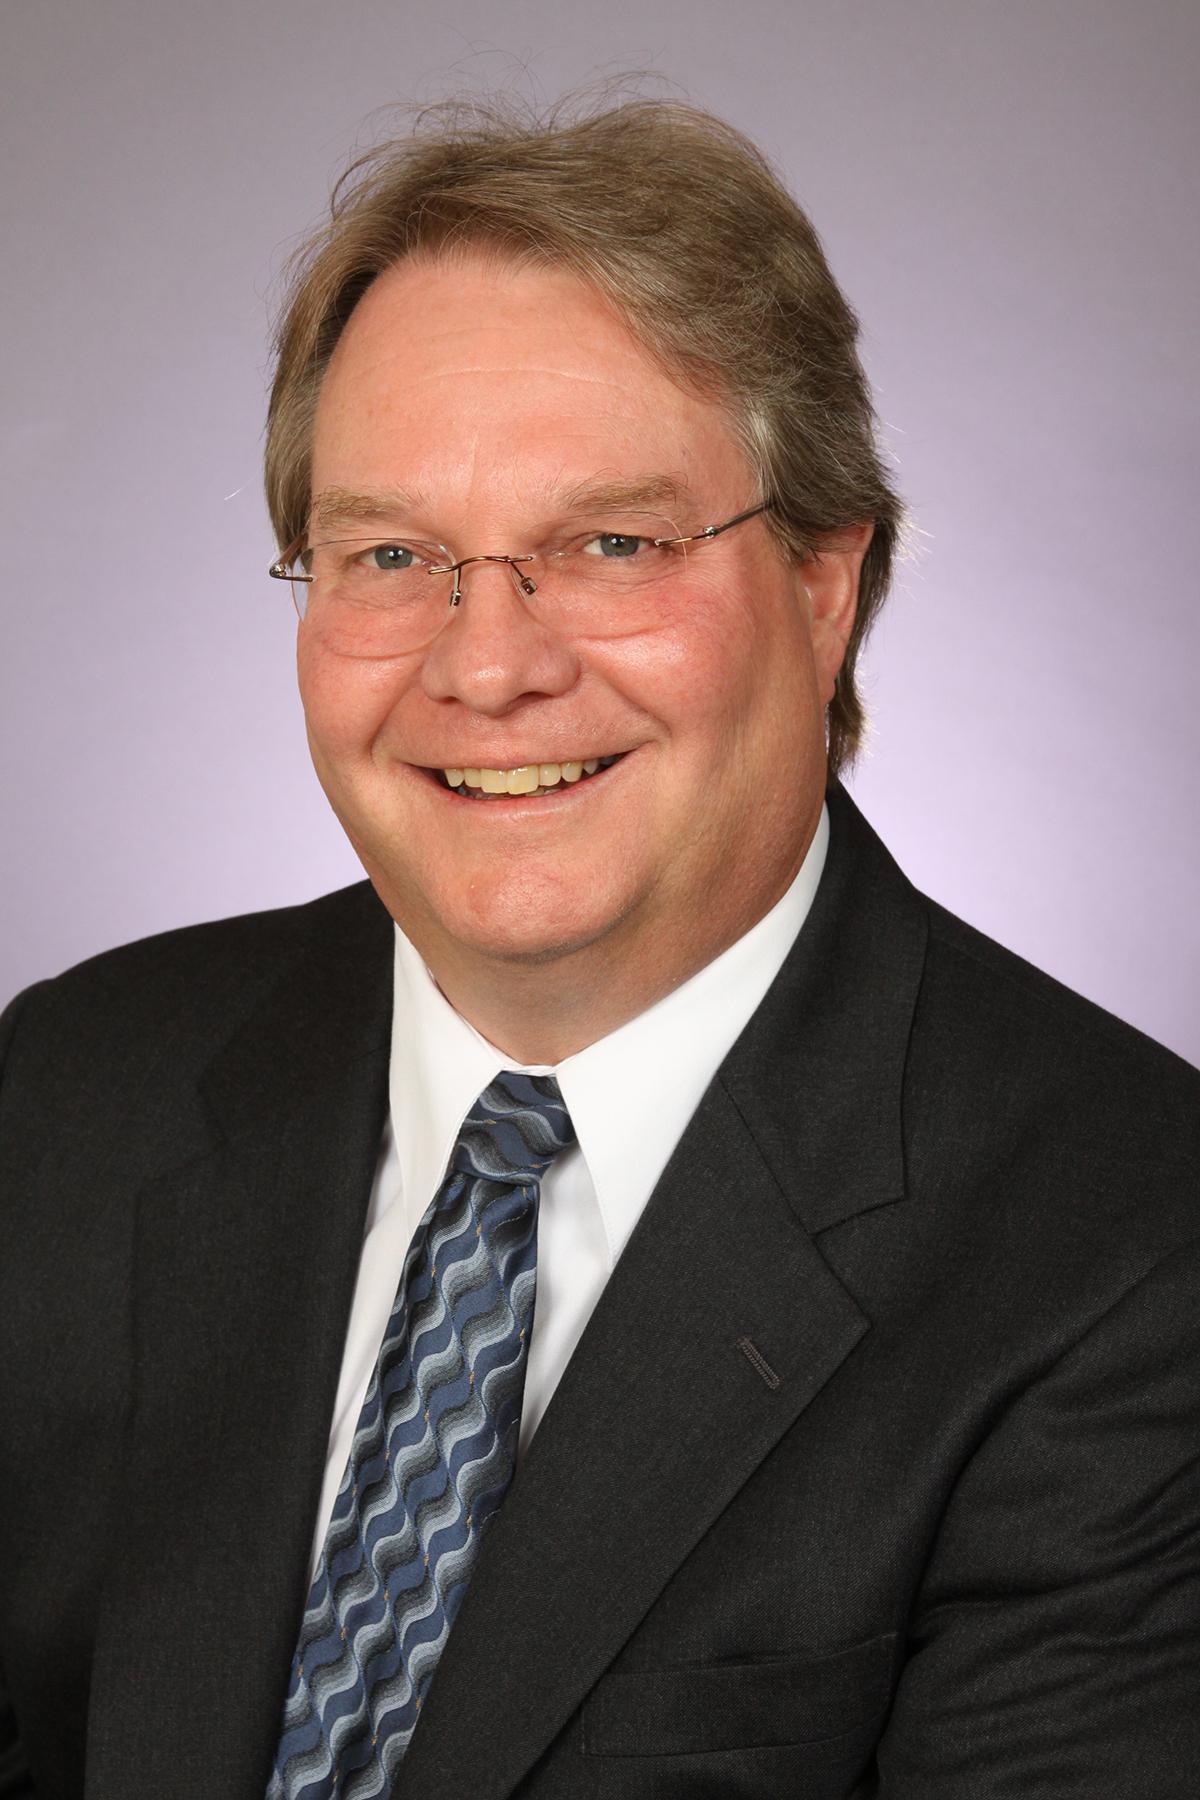 Brian Lipsky